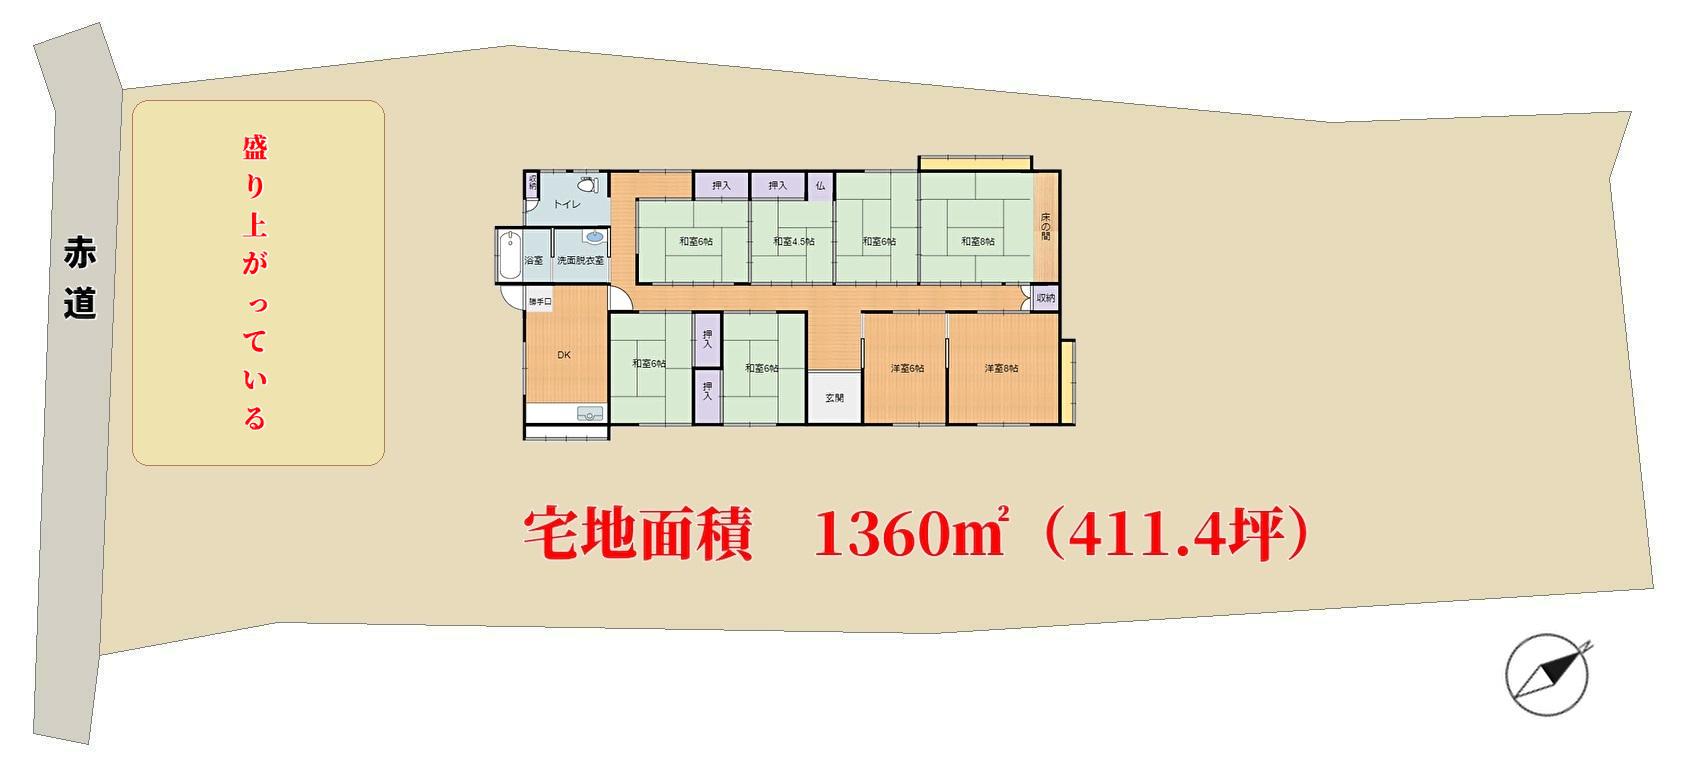 千葉県館山市宮城の不動産 物件敷地概略図